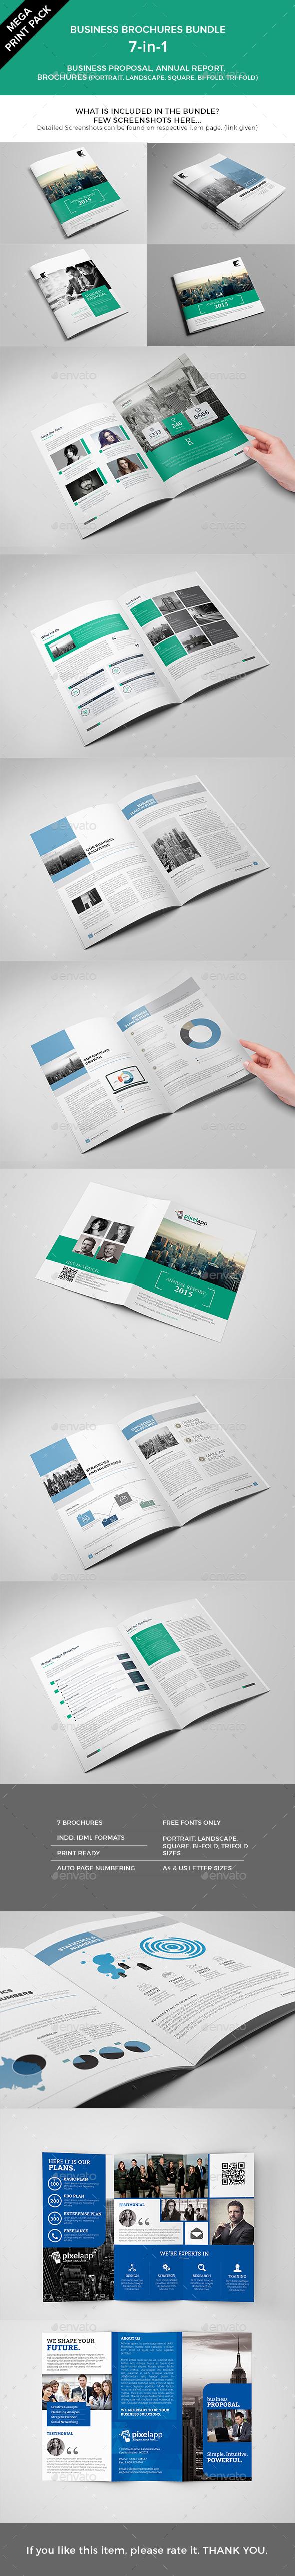 Mega Print Pack - 7-in-1 Brochures Bundle - Corporate Brochures